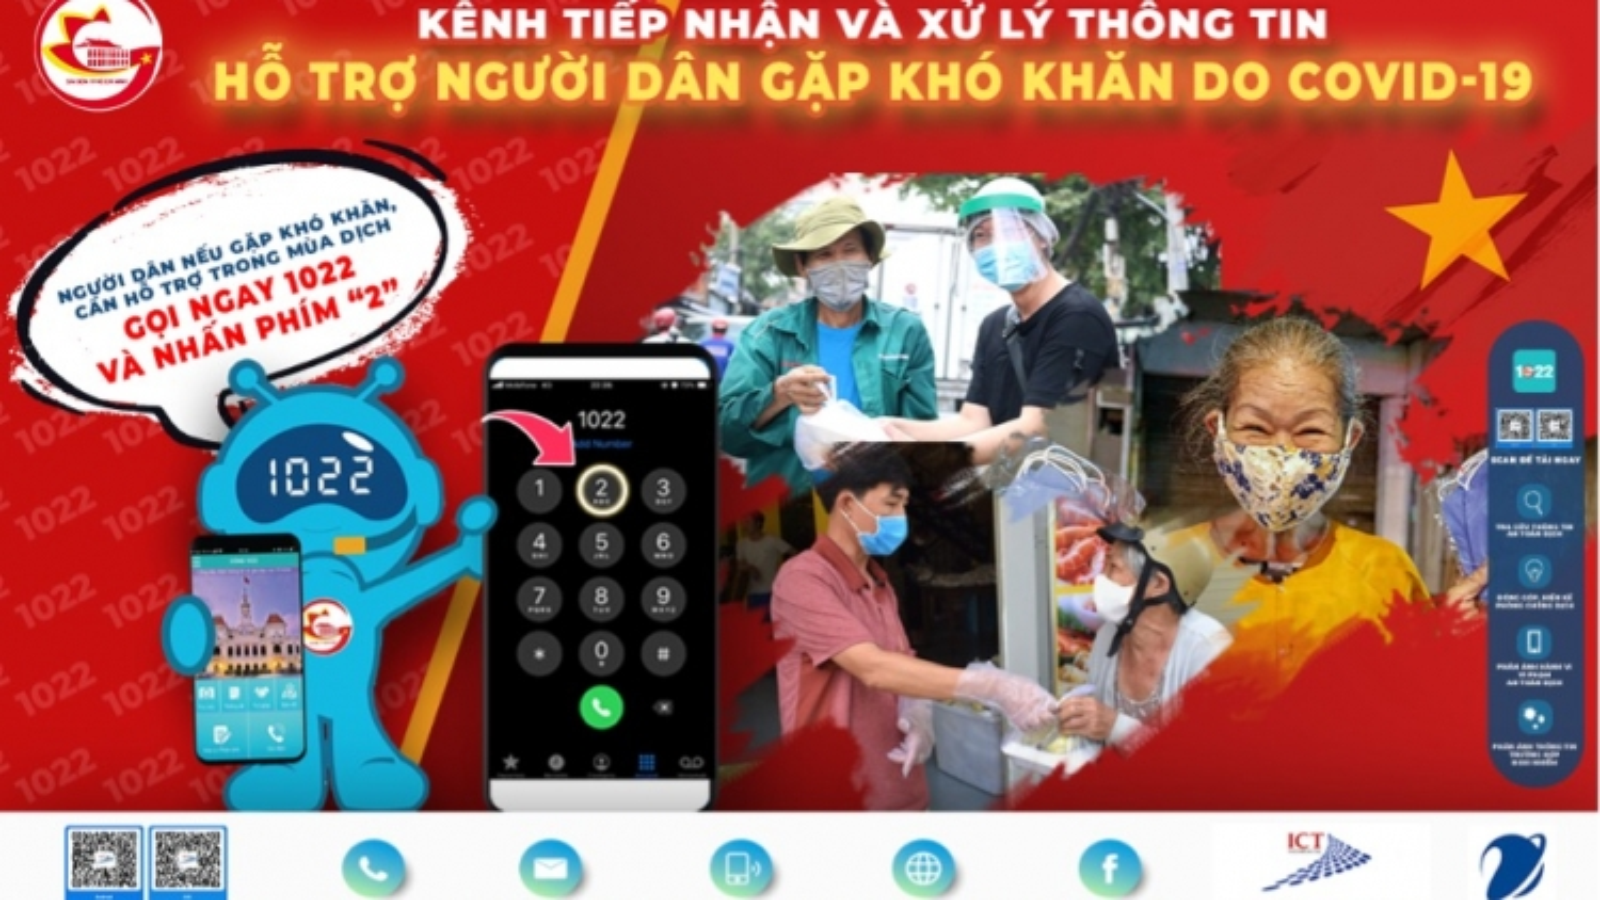 Tổng đài 1022 TP.HCM nhận 54.000 cuộc gọi/ngày